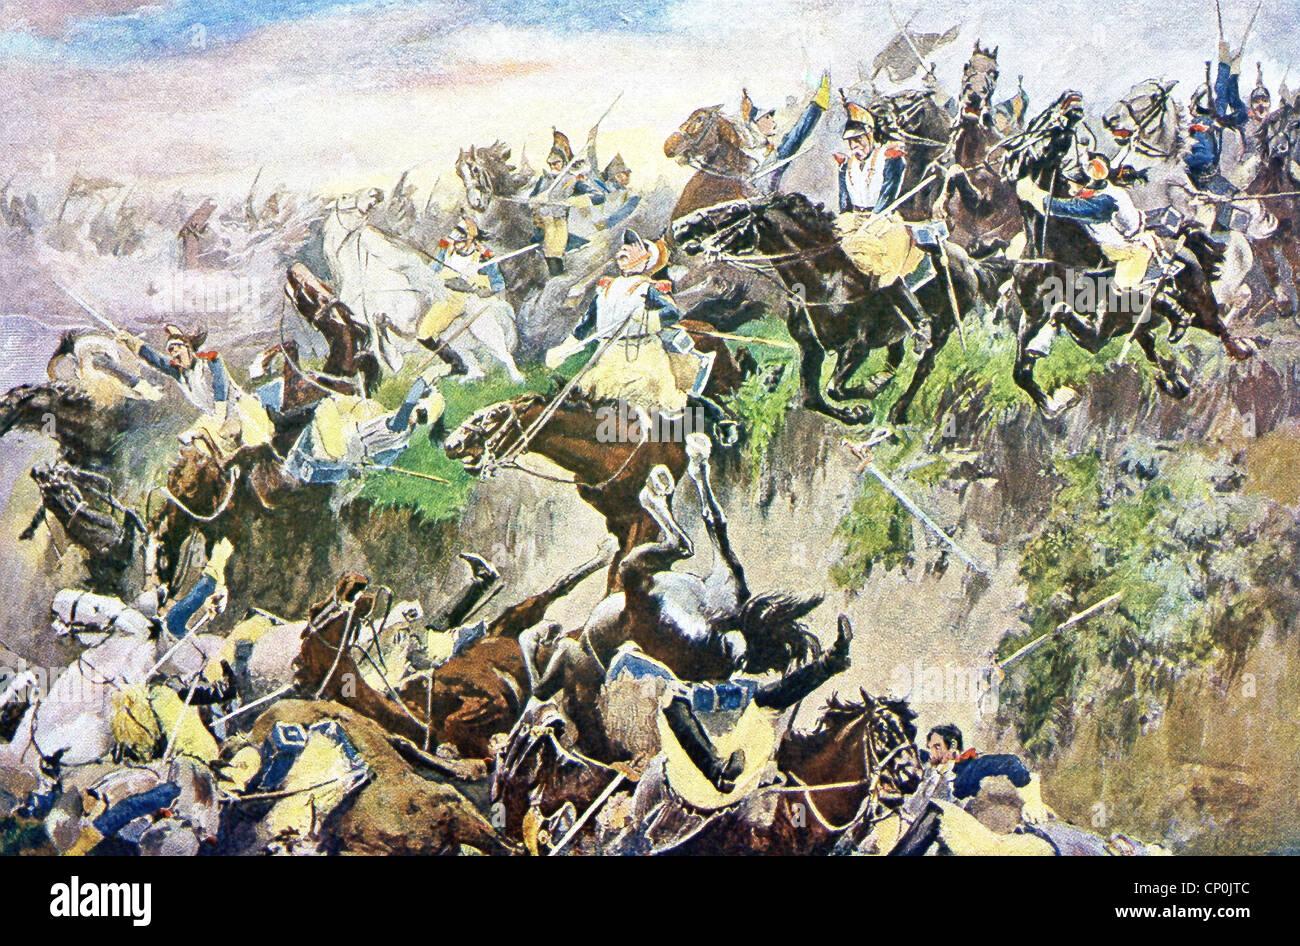 La batalla de Waterloo tuvo lugar el domingo, 18 de junio de 1815. Aquí, los franceses bajo Napoleón, Imagen De Stock